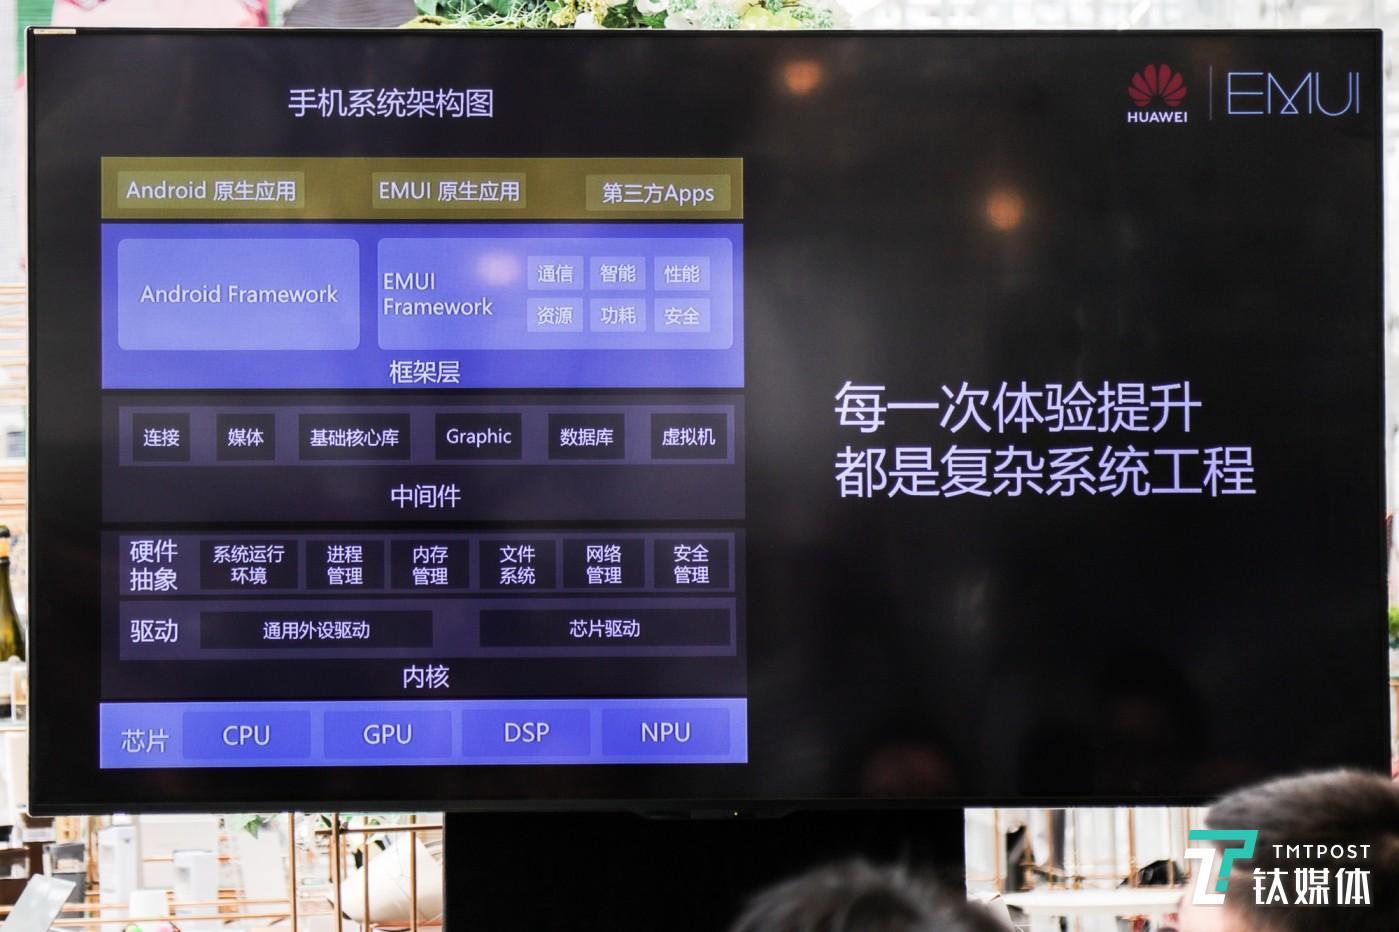 华为将发布基于安卓9.0定制的下一代EMUI系统